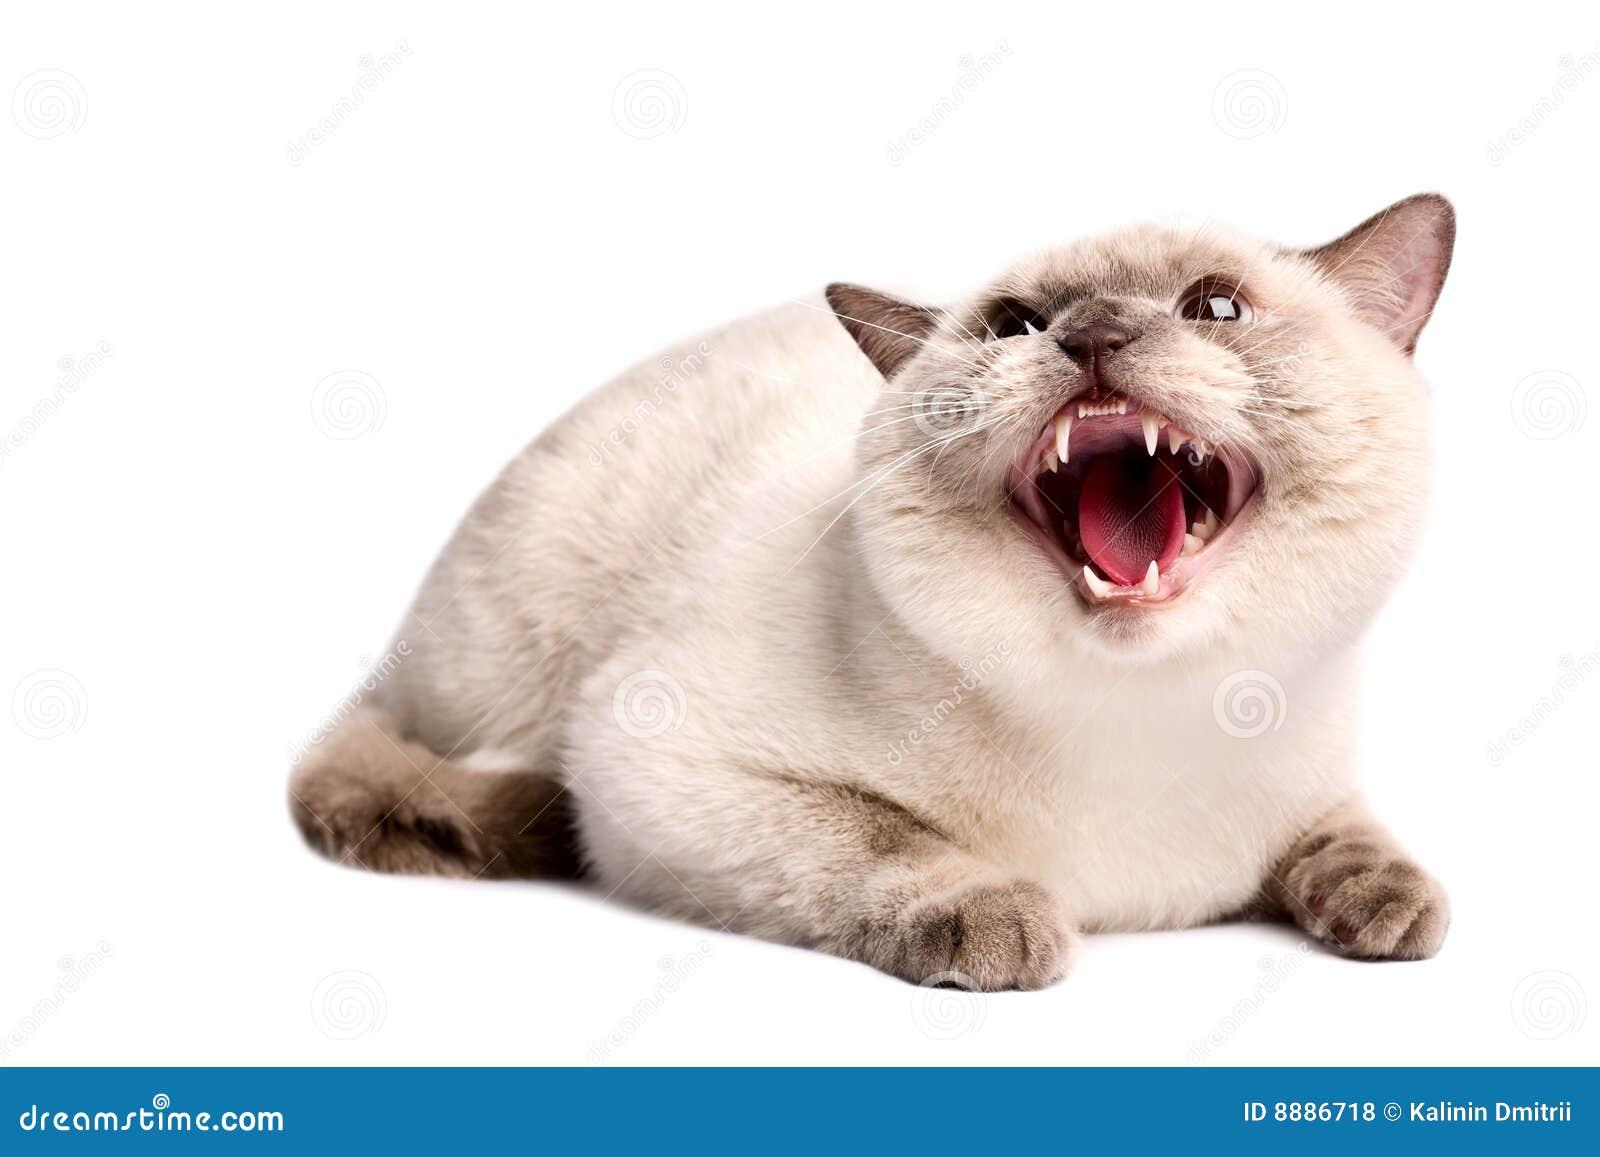 kitten prices